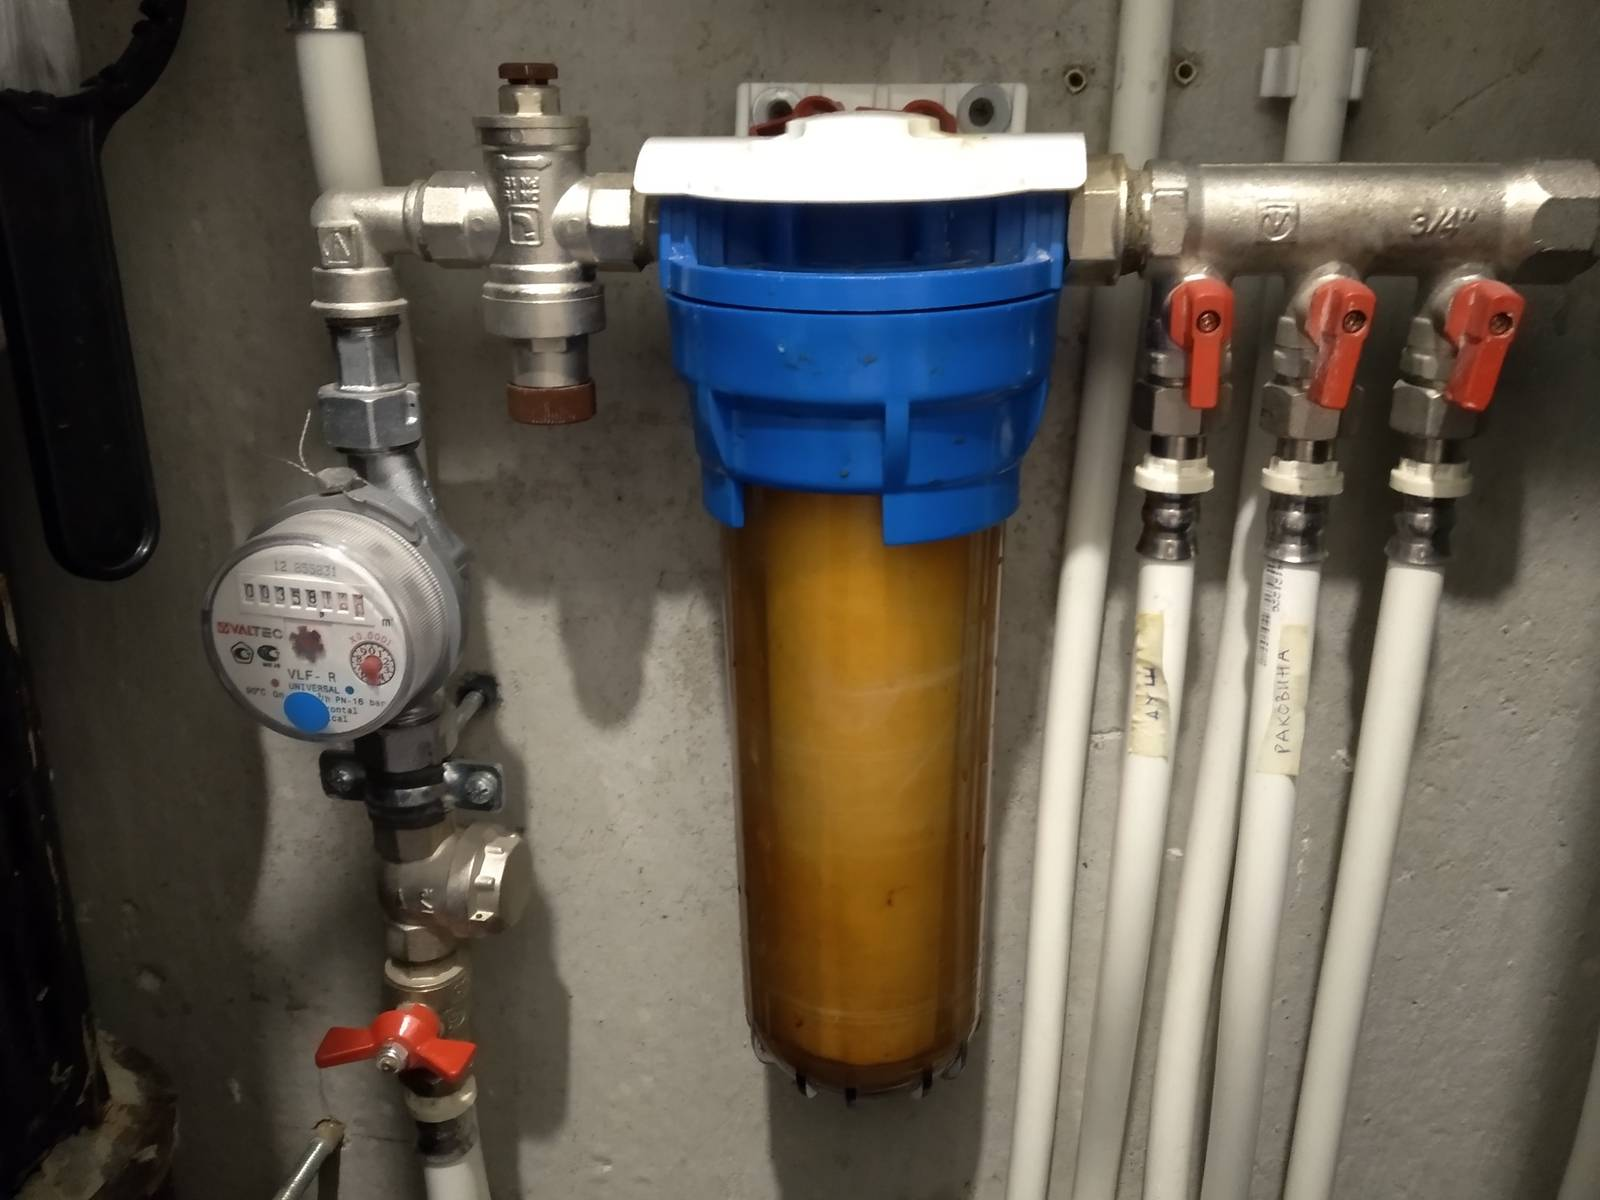 Выбираем  проточный магистральный фильтр для воды - 6 советов | строительный блог вити петрова